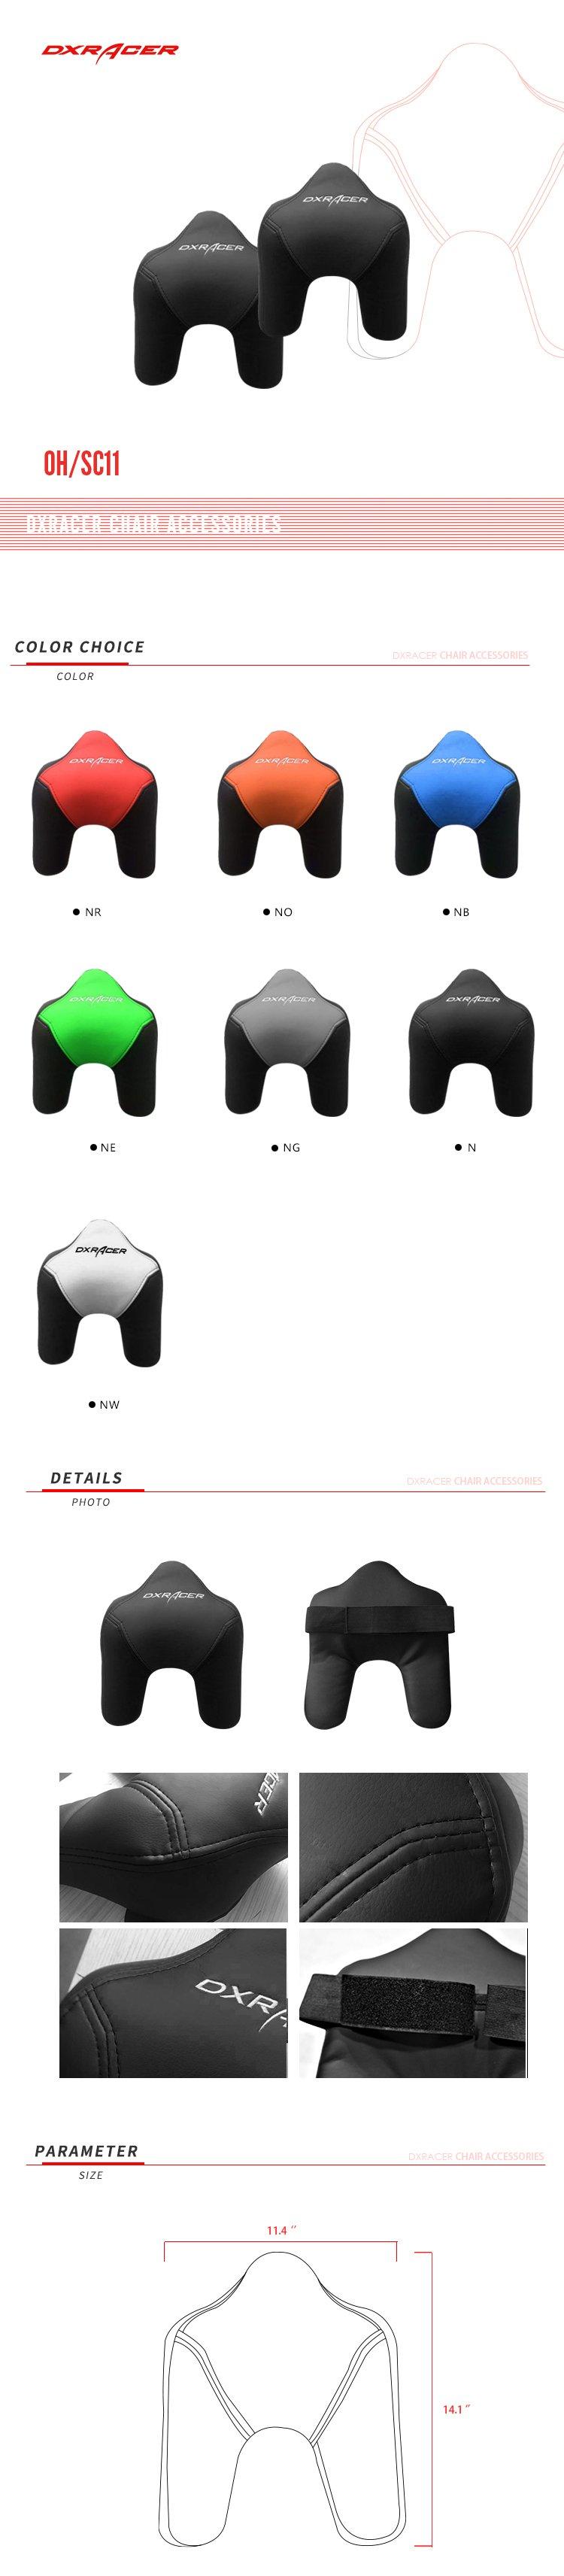 цвета Подушка под голову  DXracer SC/11/N  для геймерских и эргономических кресел с высокой спинкой